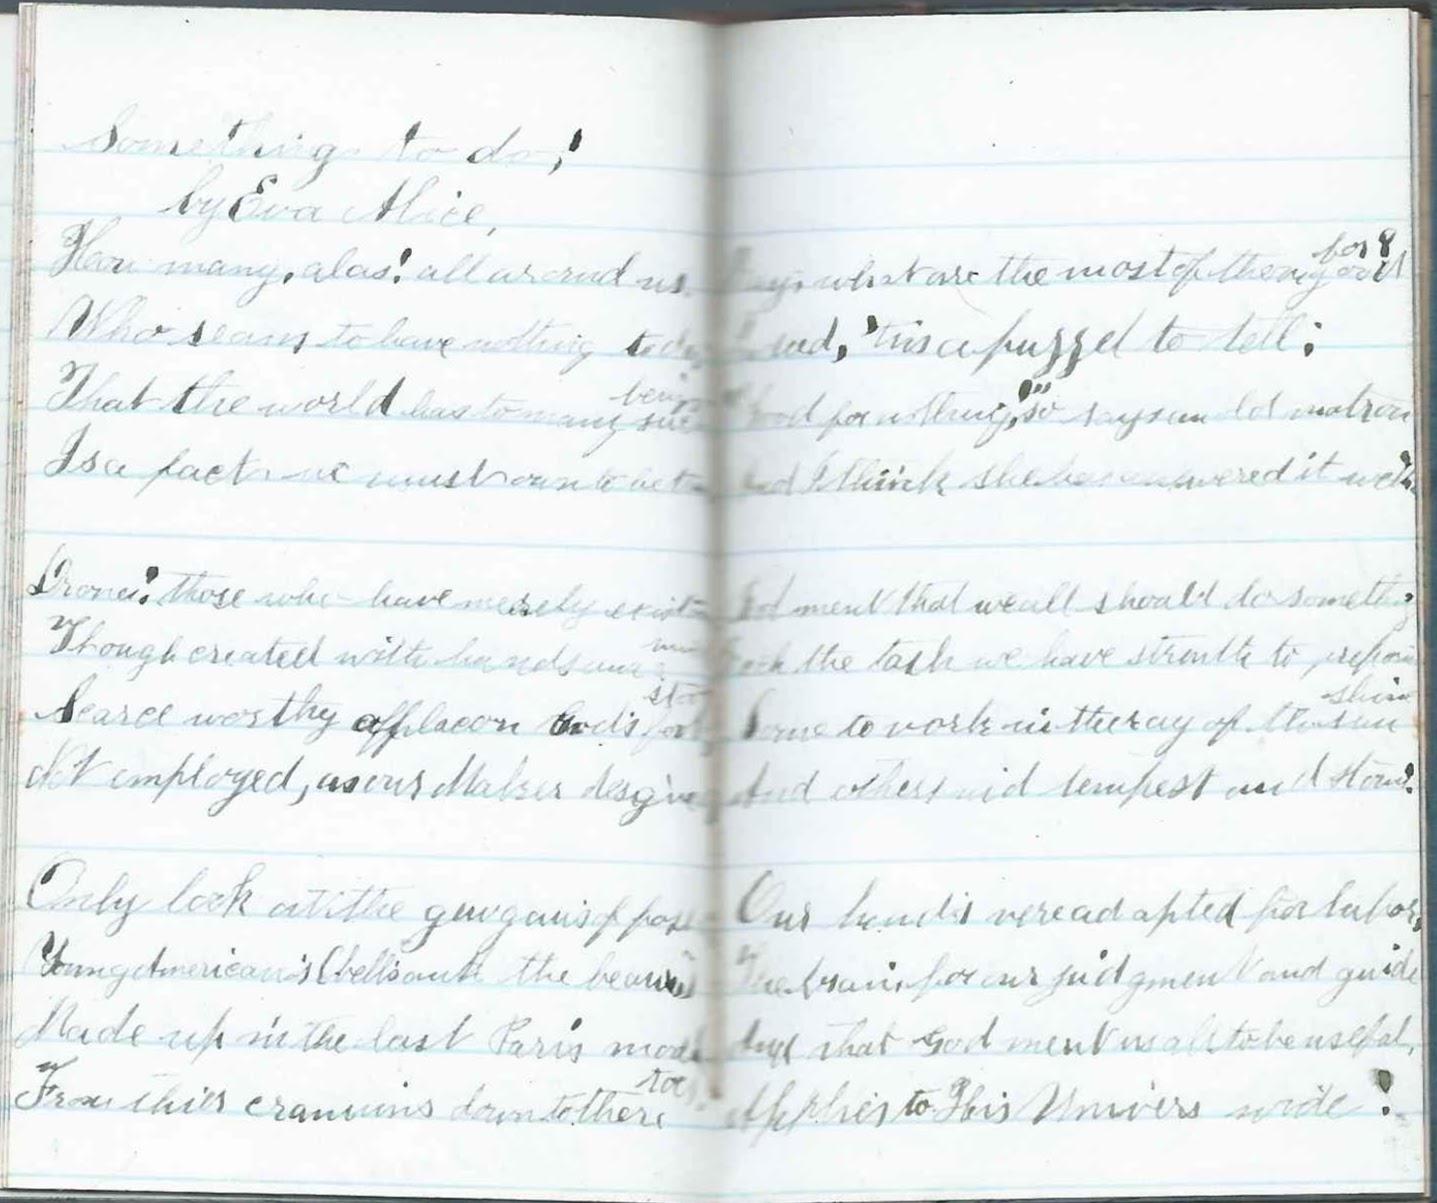 Heirlooms Reunited: December Entries & Memoranda Pages in